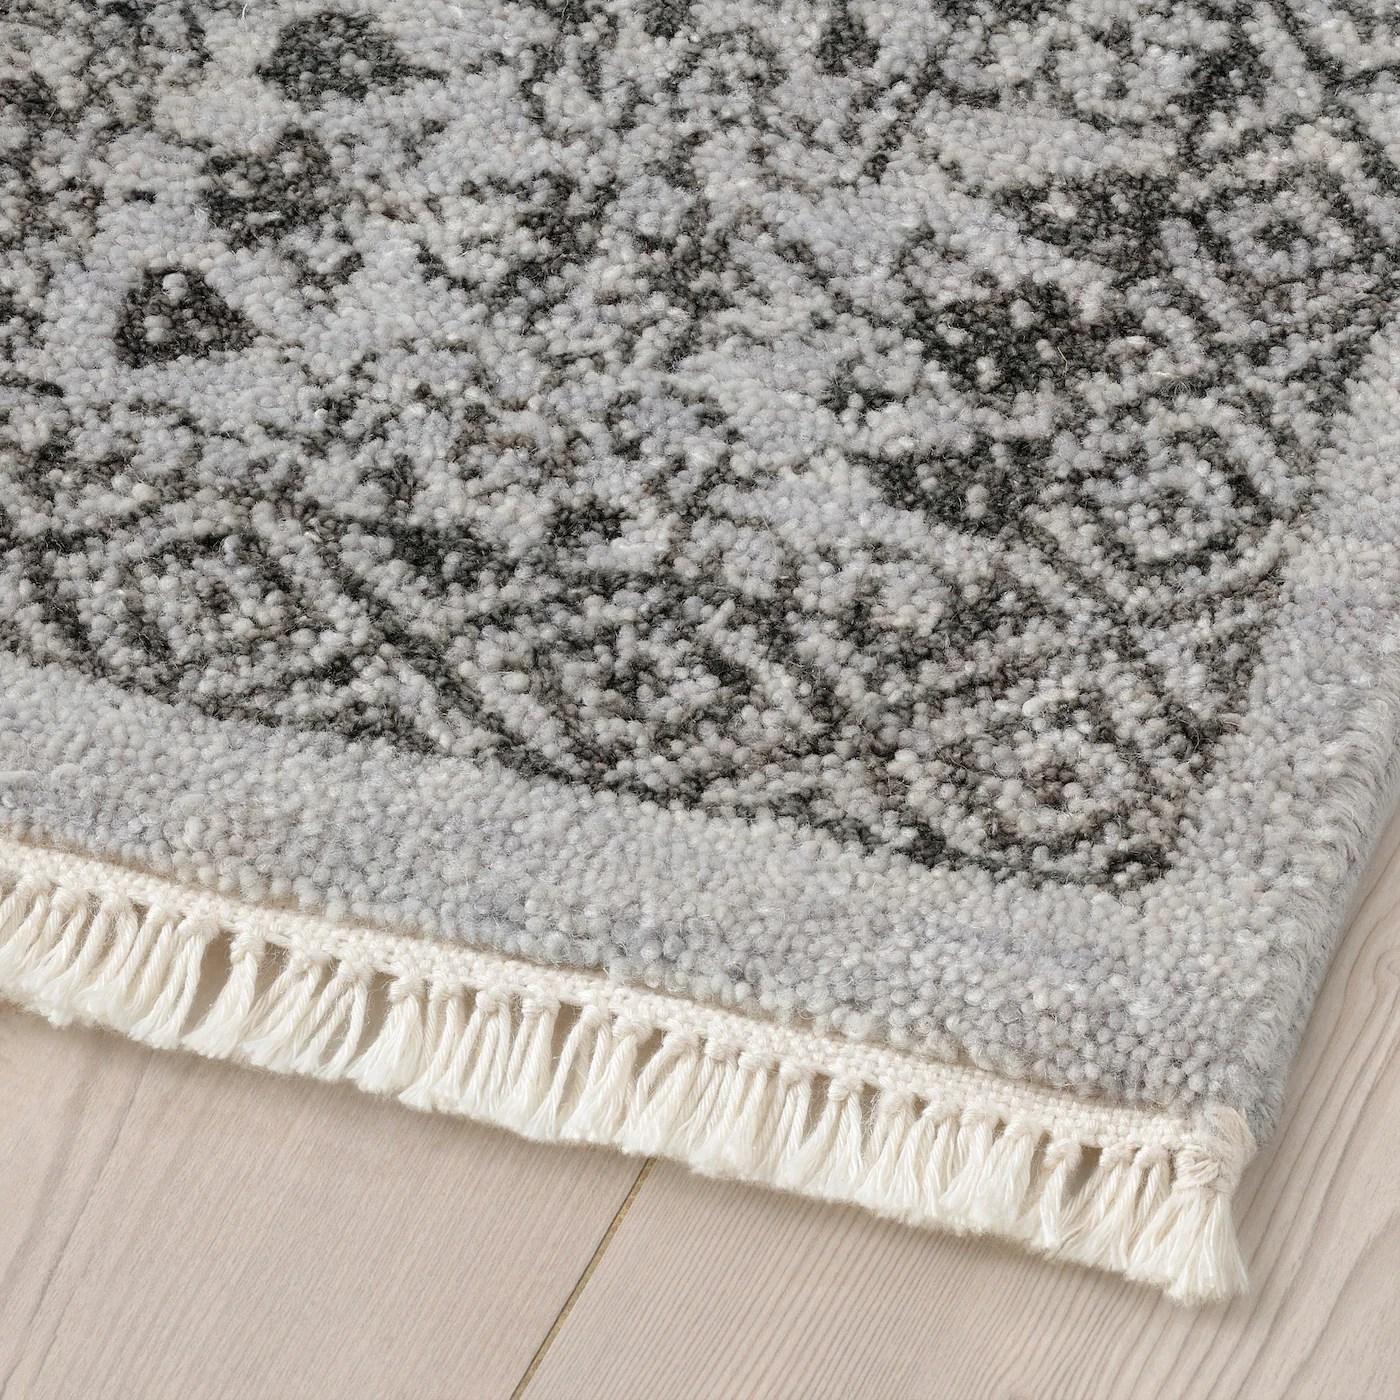 helligso tapis poils ras fait main gris argent 4 7 x6 7 140x200 cm